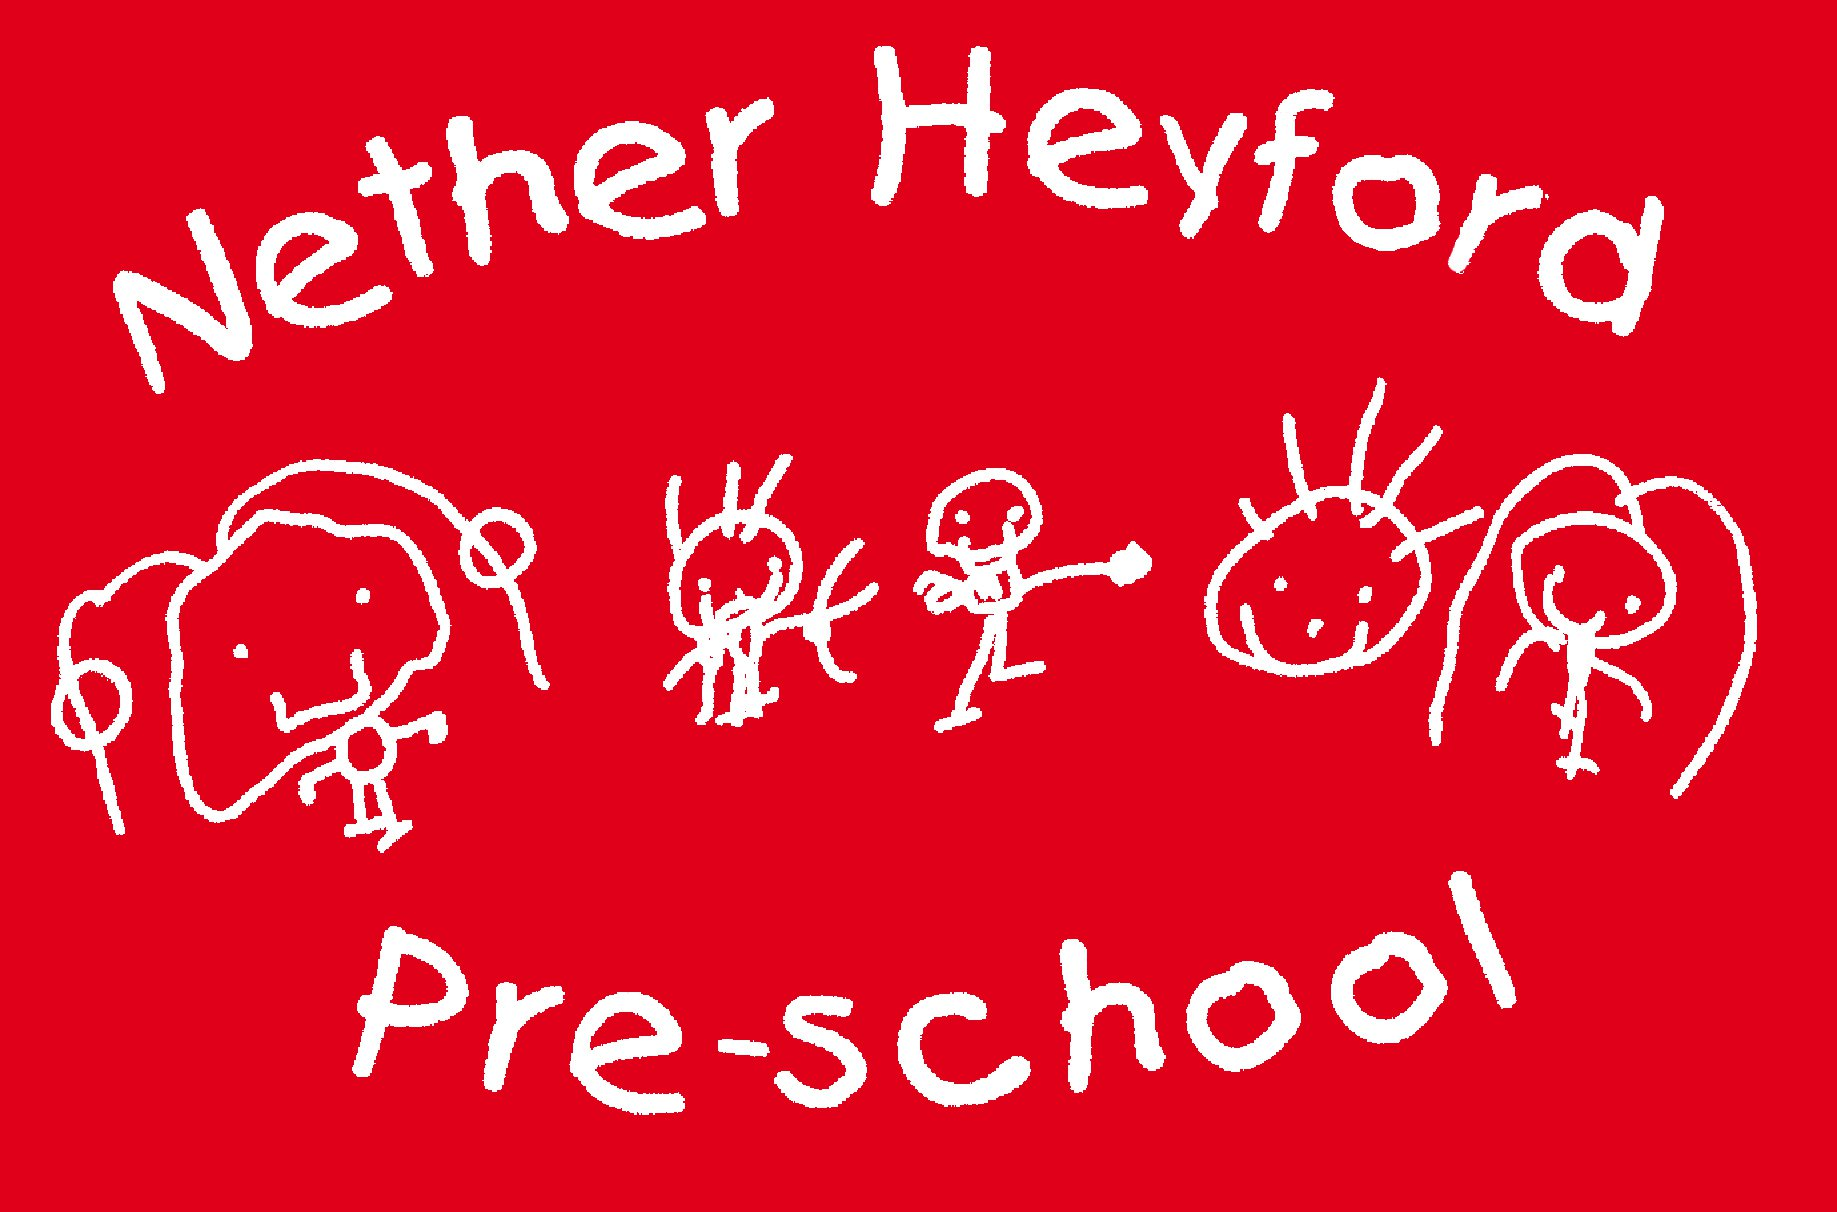 NetherHeyfordPreSchool2019